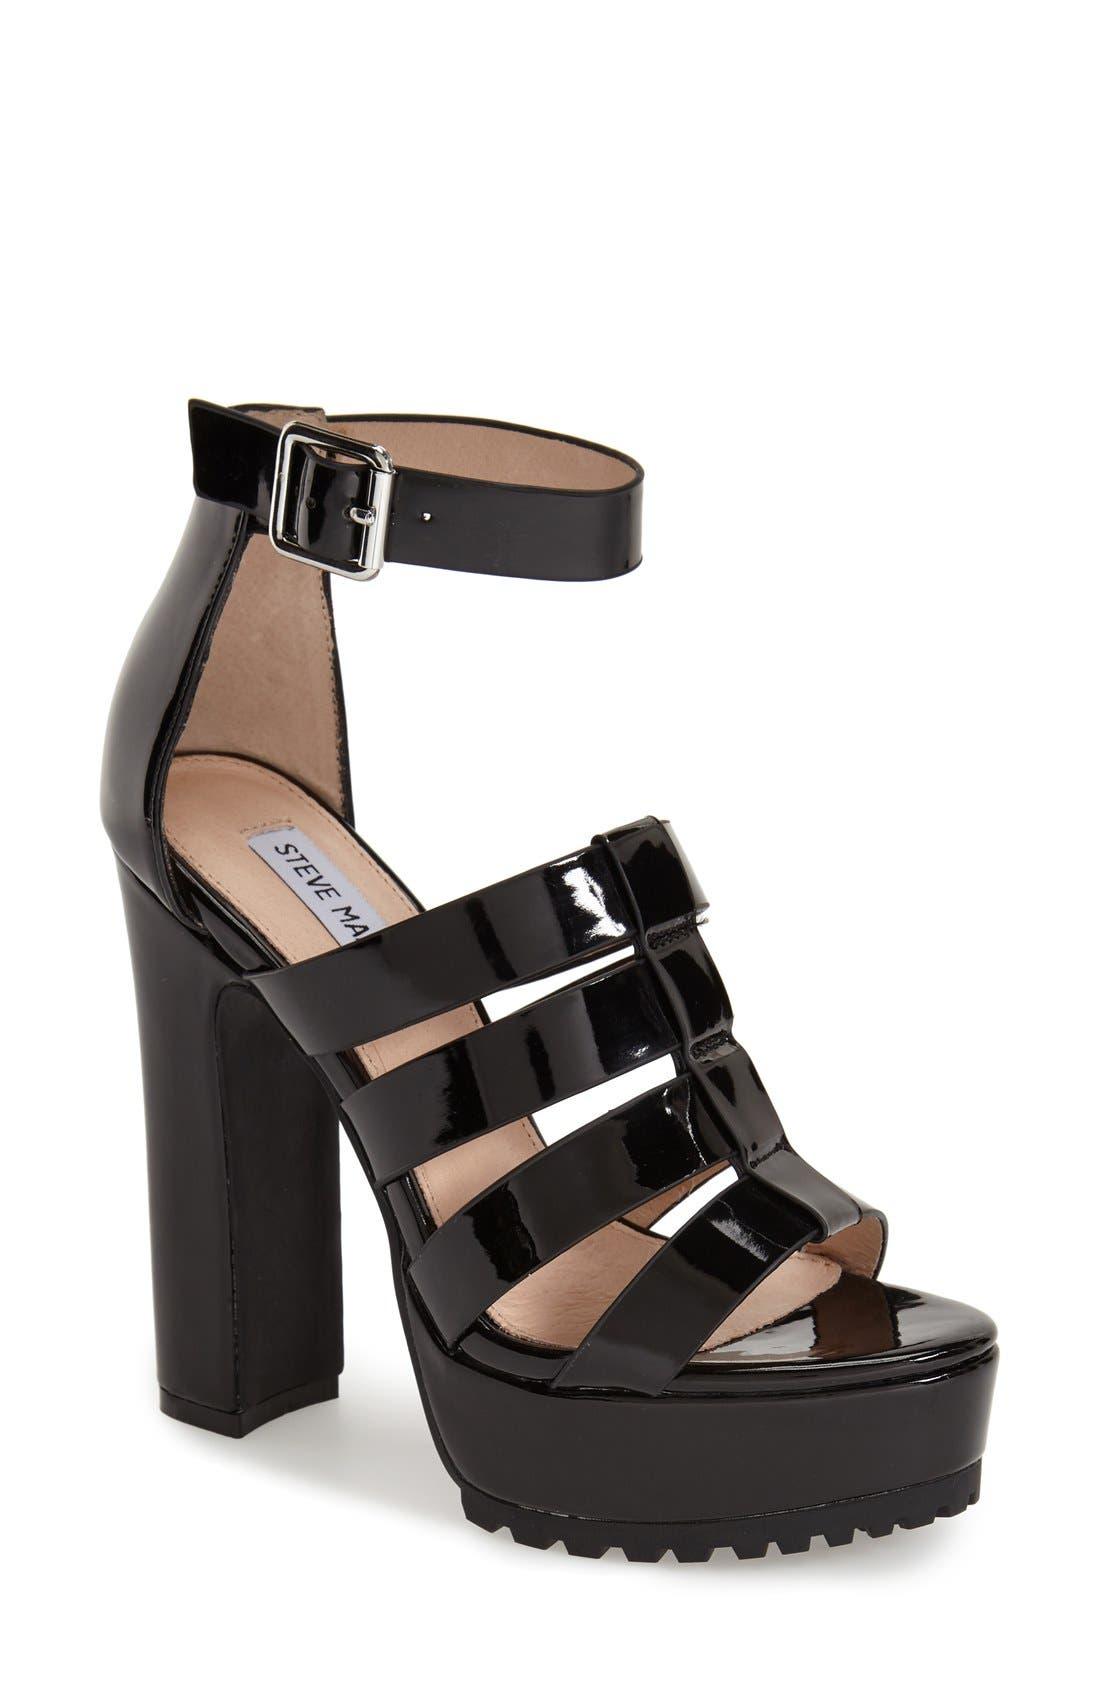 Alternate Image 1 Selected - Steve Madden 'Groove' Platform Sandal (Women)